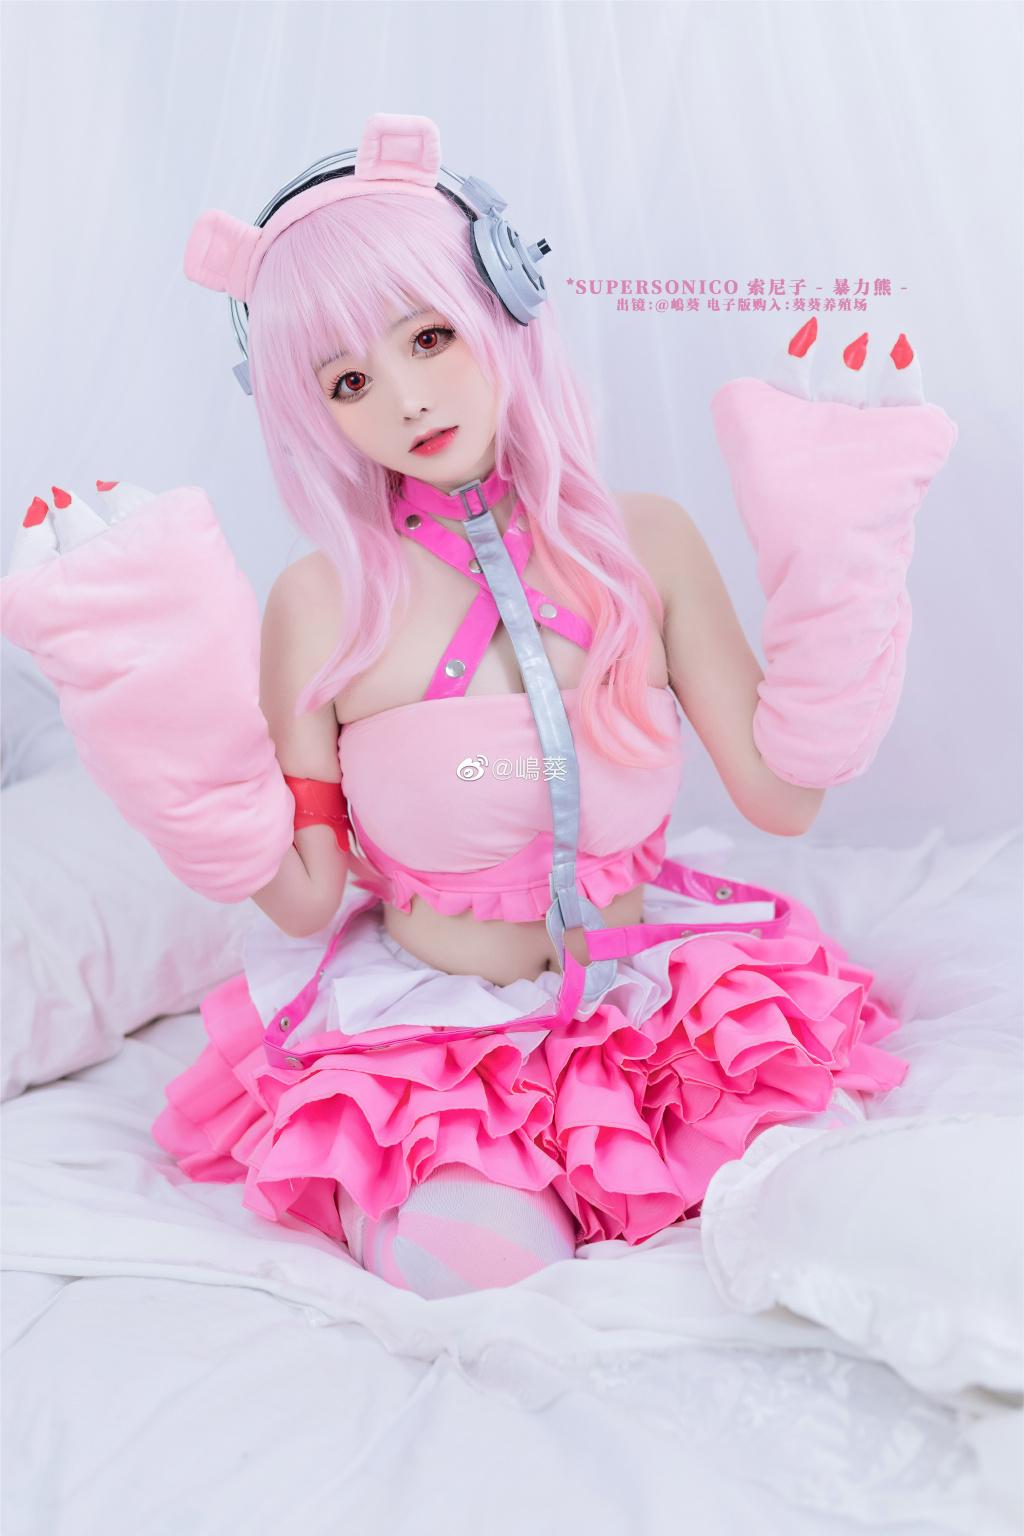 今日妹子图 20200520 圆脸二次元cosplay妹子 @嶋葵 liuliushe.net六六社 第4张